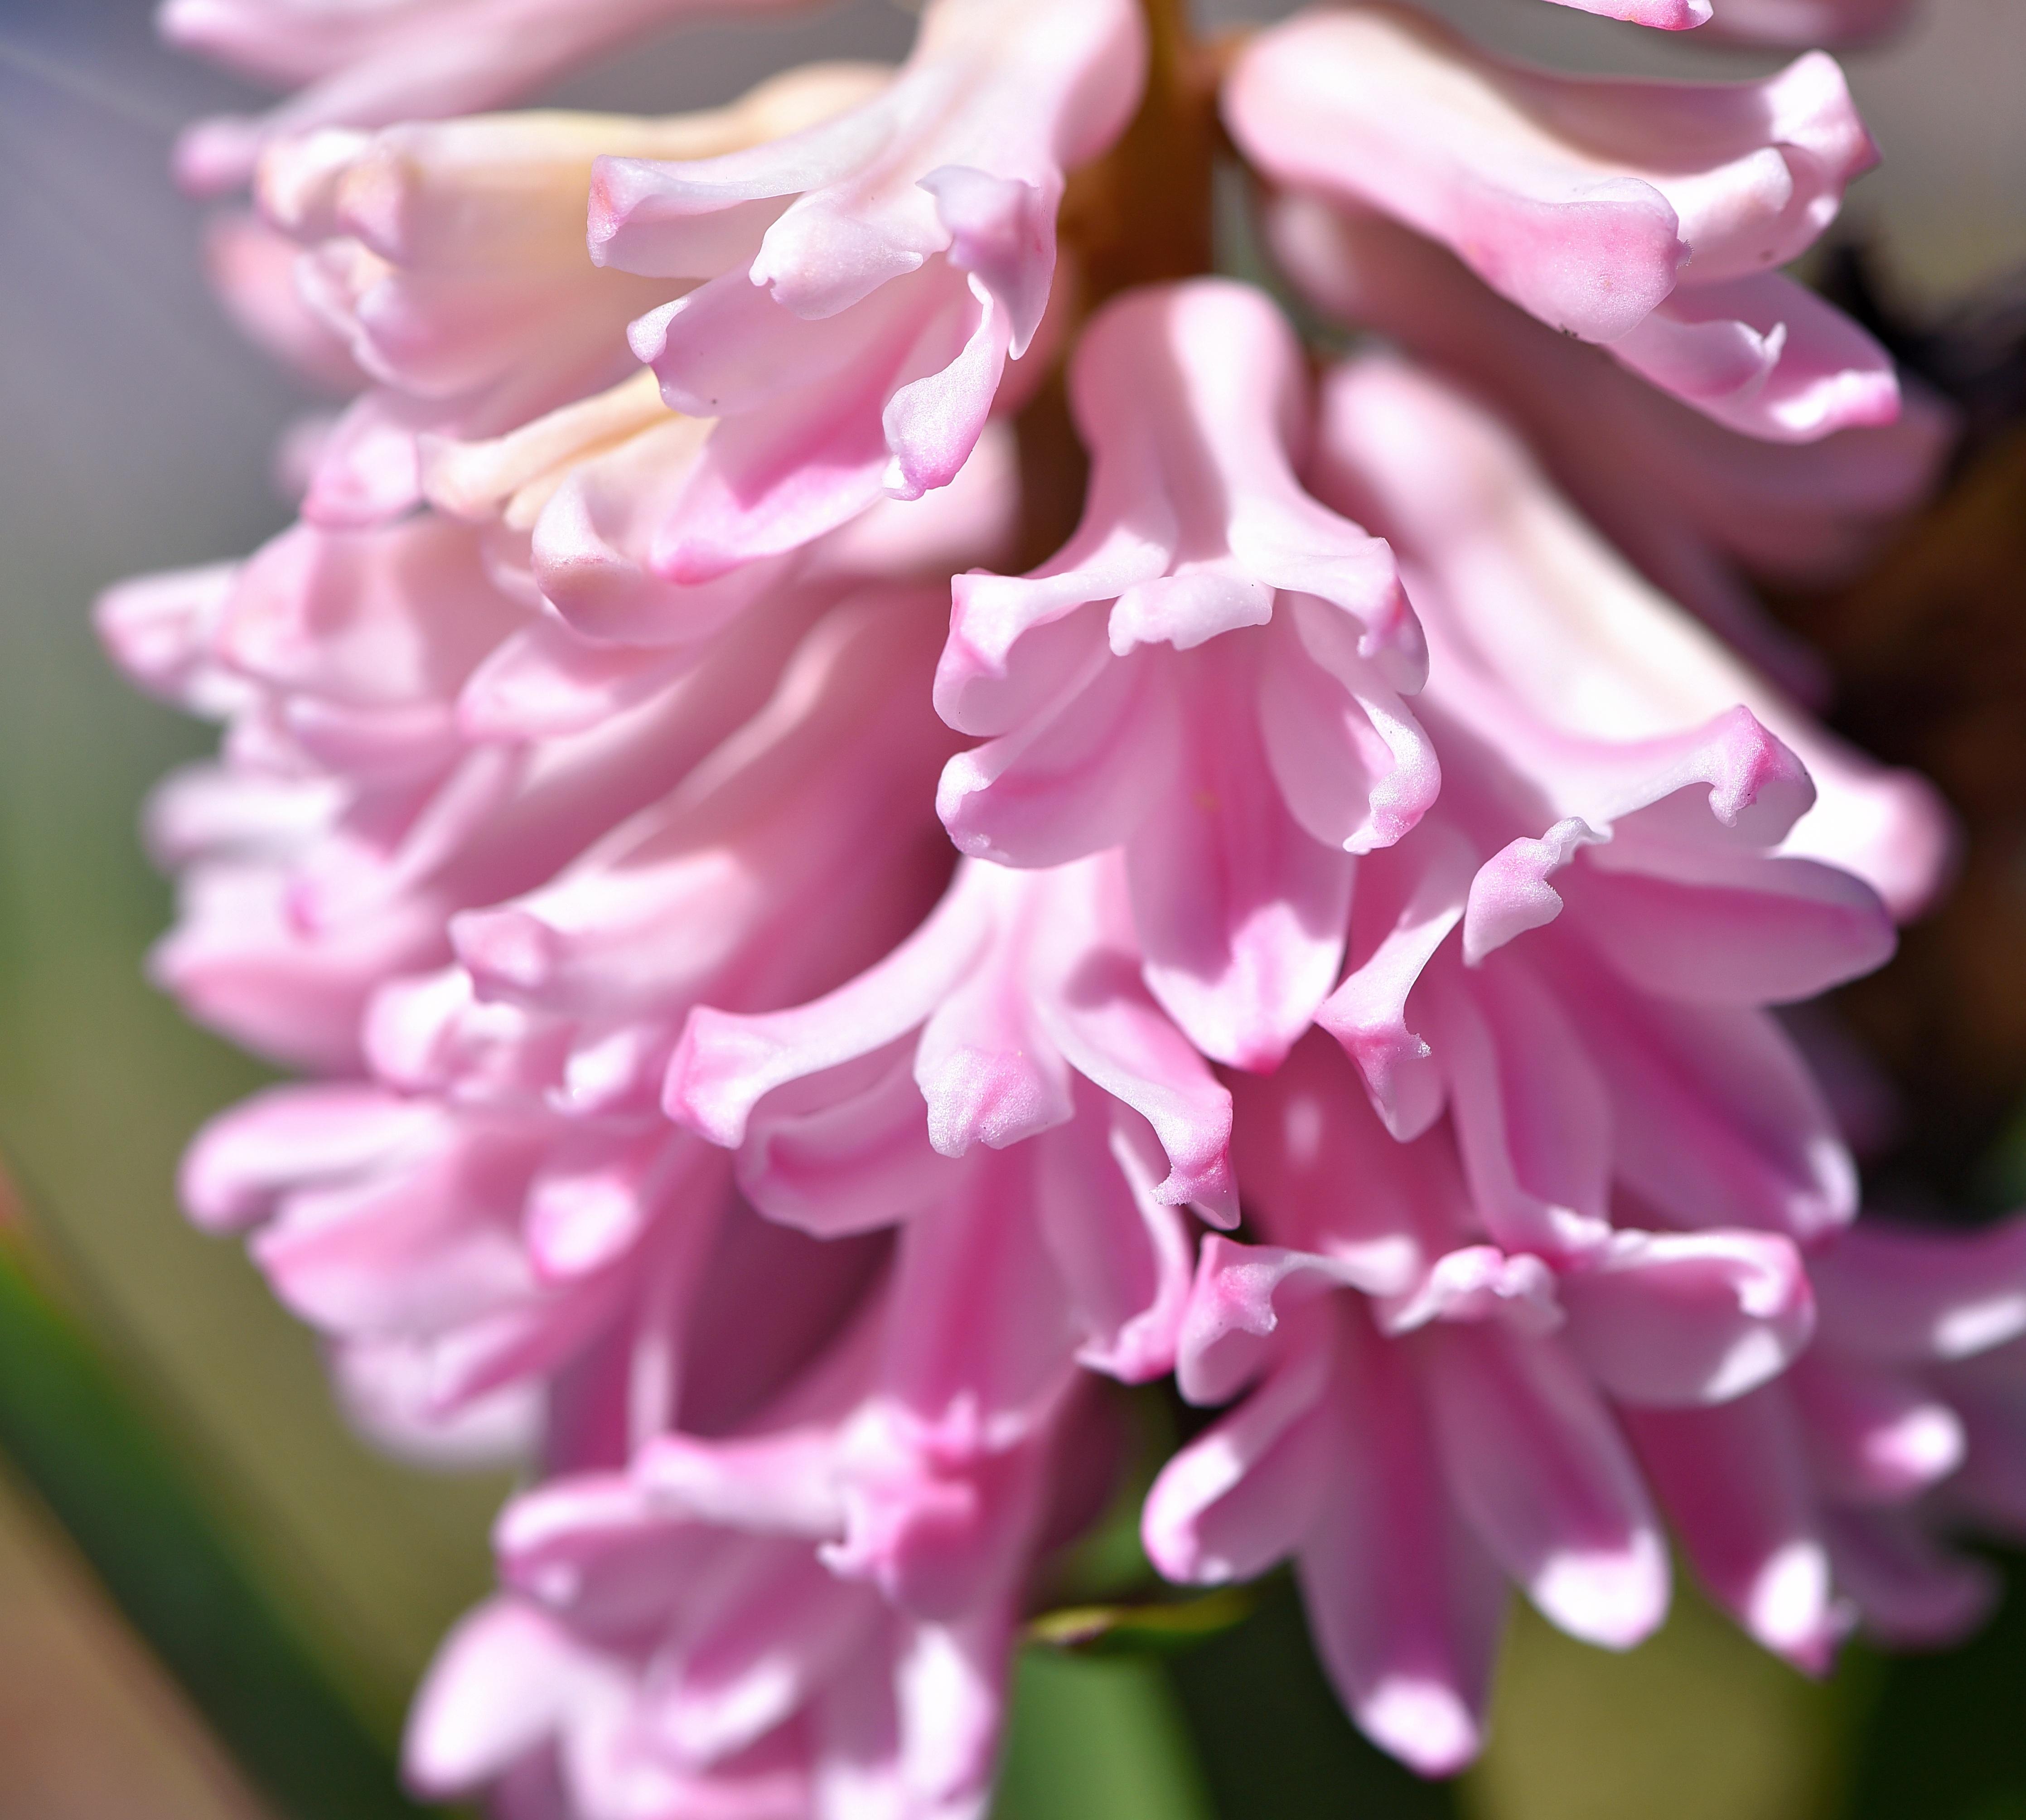 Images Gratuites : pétale, botanique, jardin, Fermer, flore ...